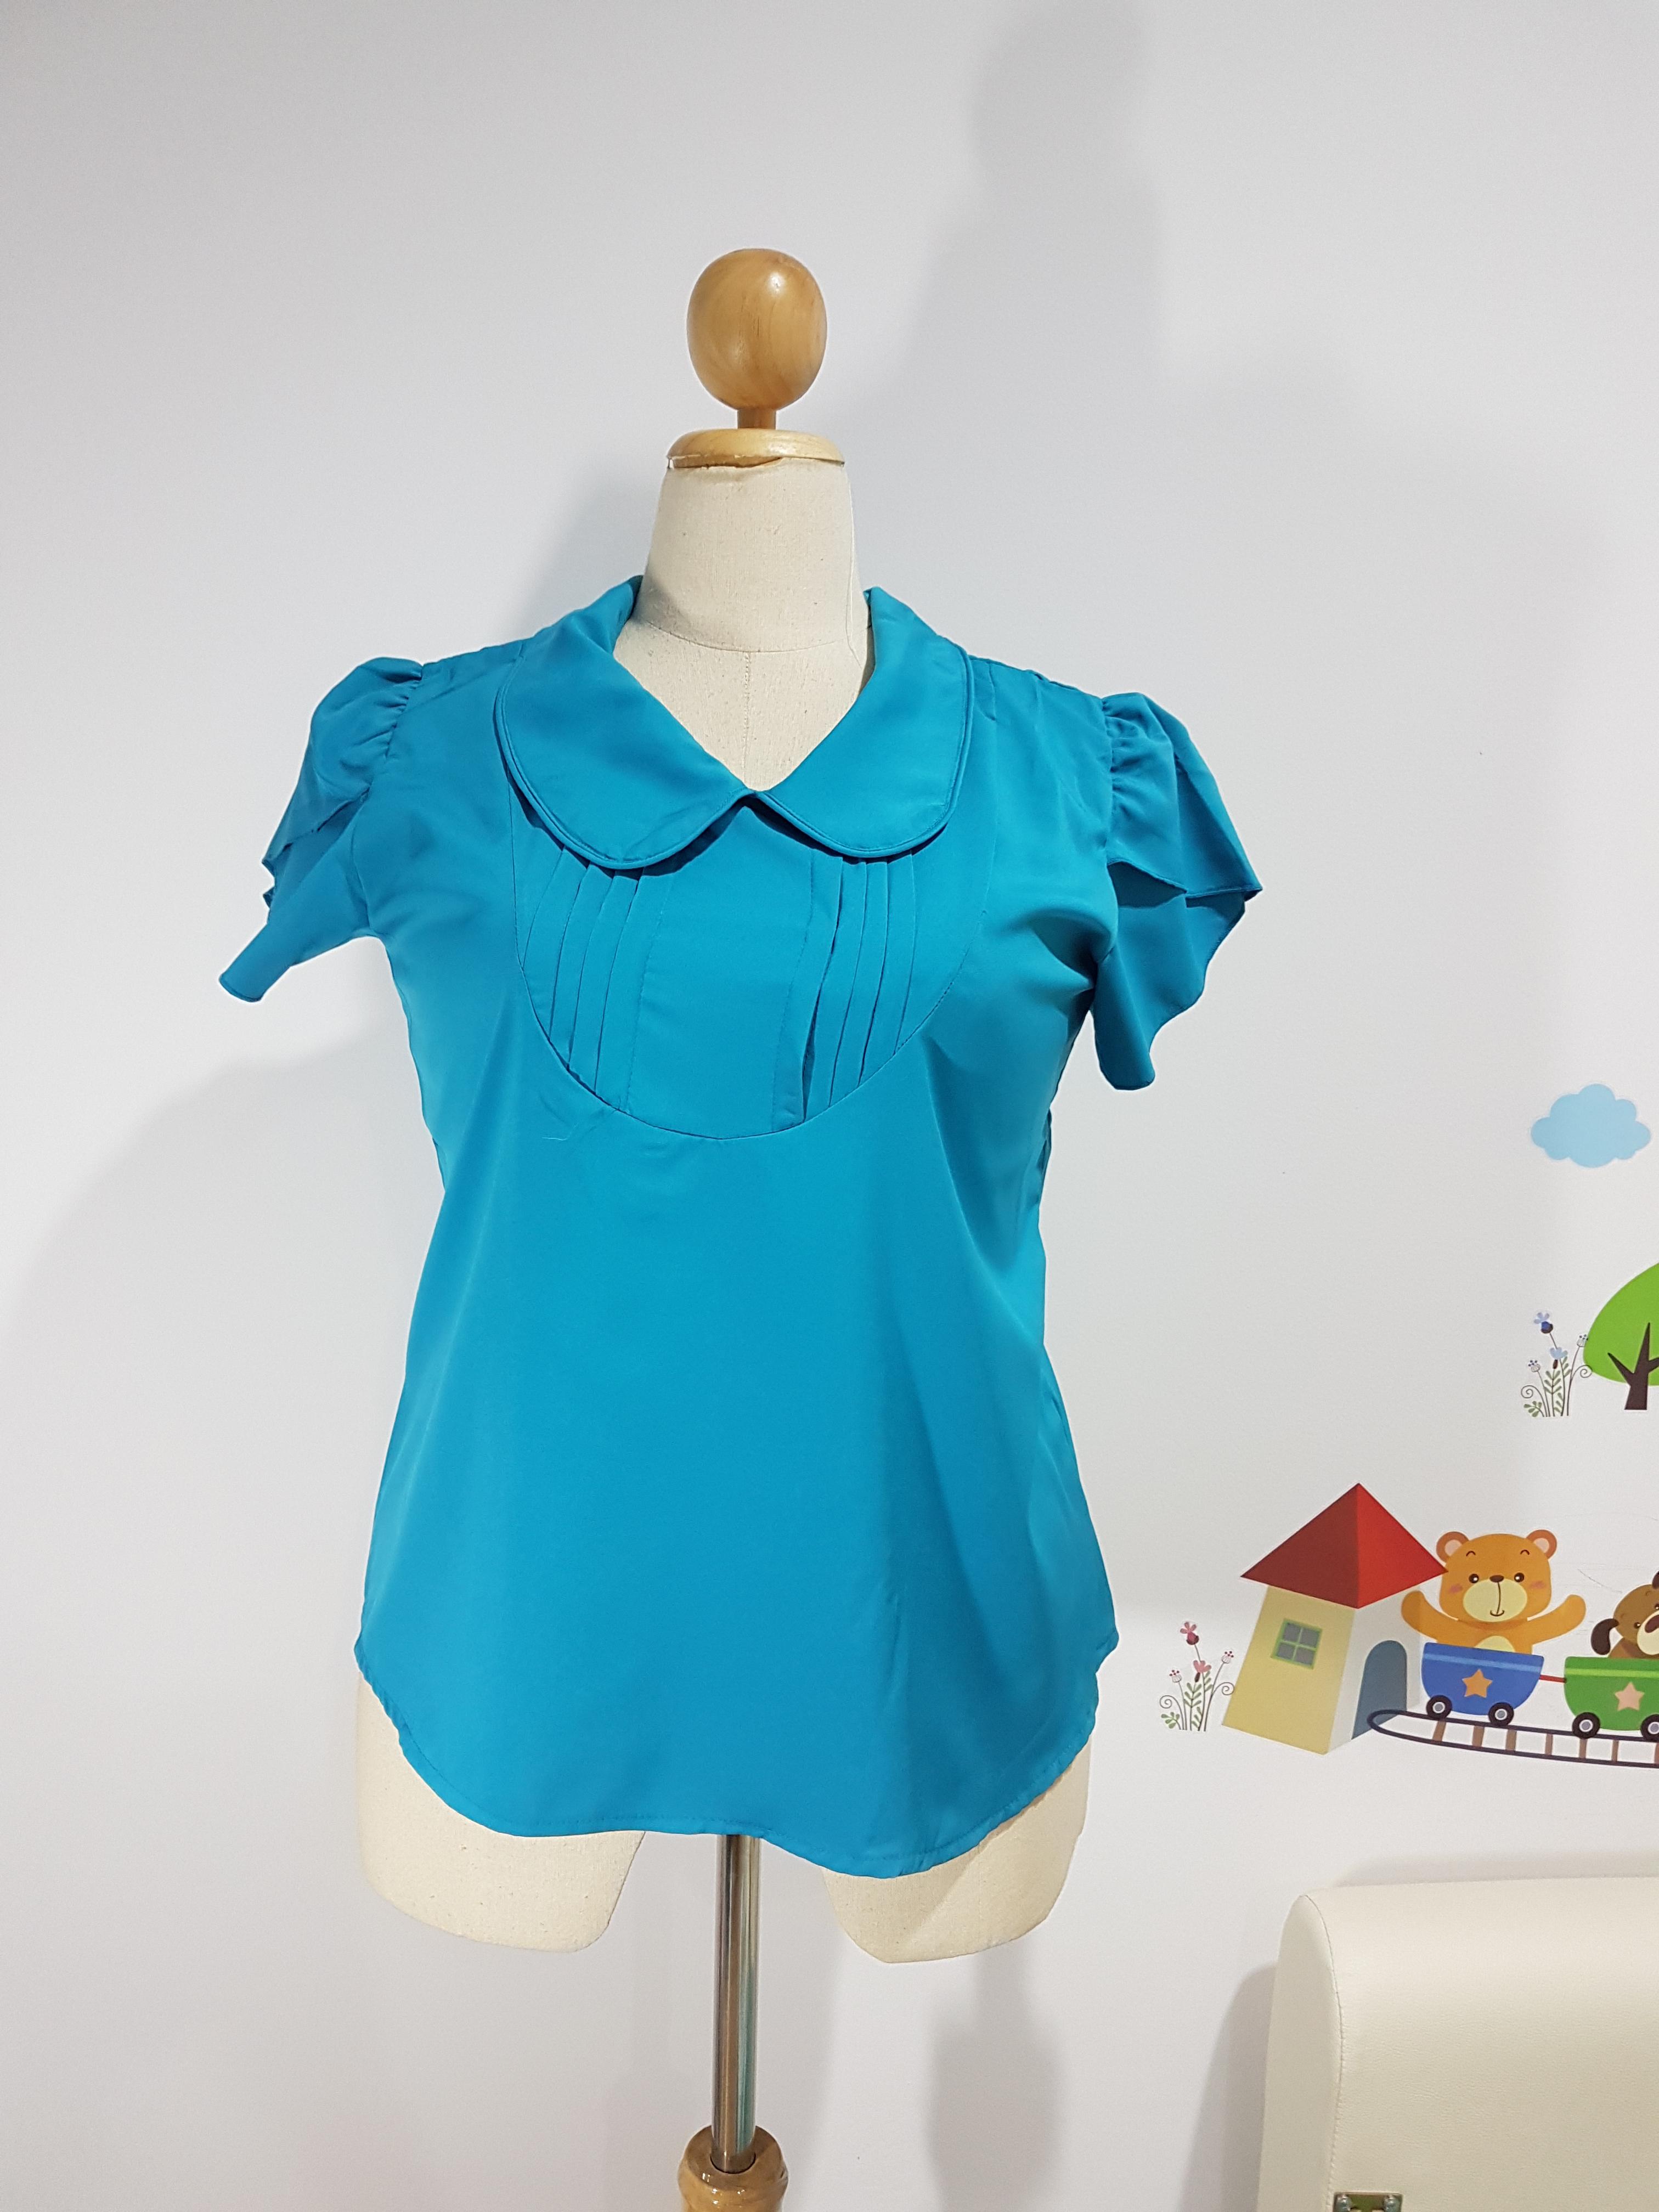 เสื้อทำงาน ผ้าไหมอิตาลี คอบัว สีเขียวทะเล ไซส์ XL อก 42-44 นิ้ว